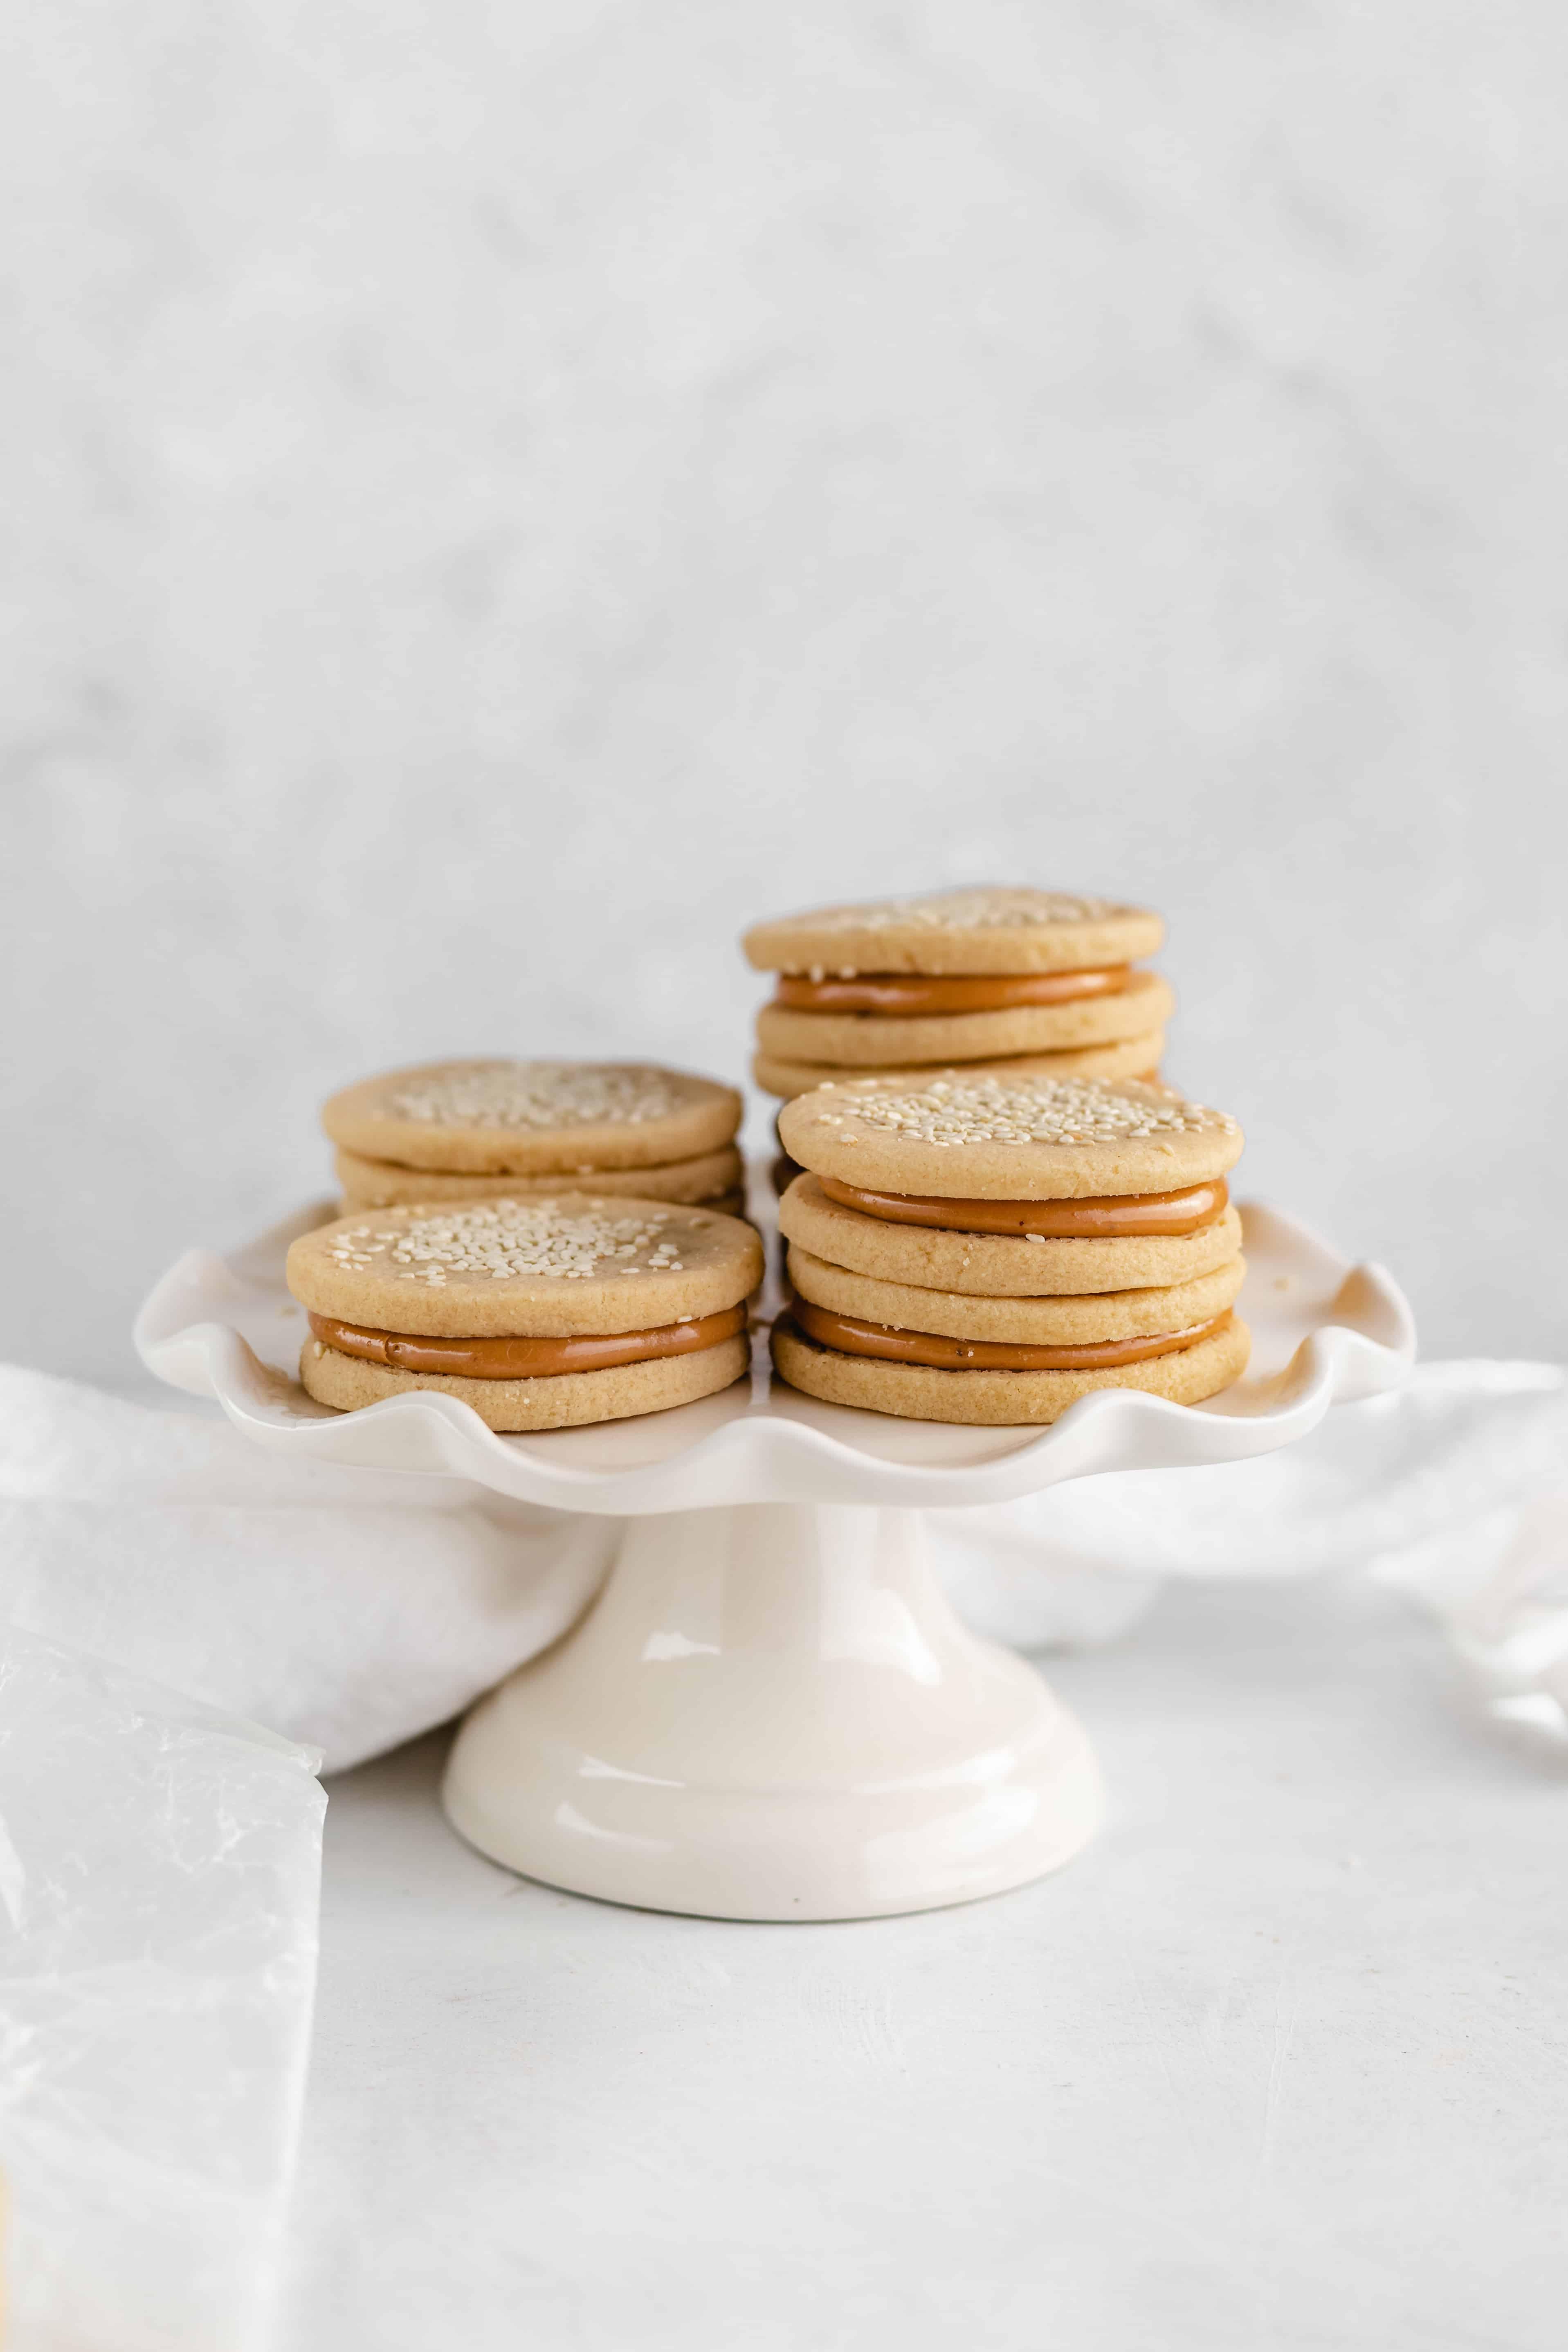 Sandwich Cookies with Dulce de Leche